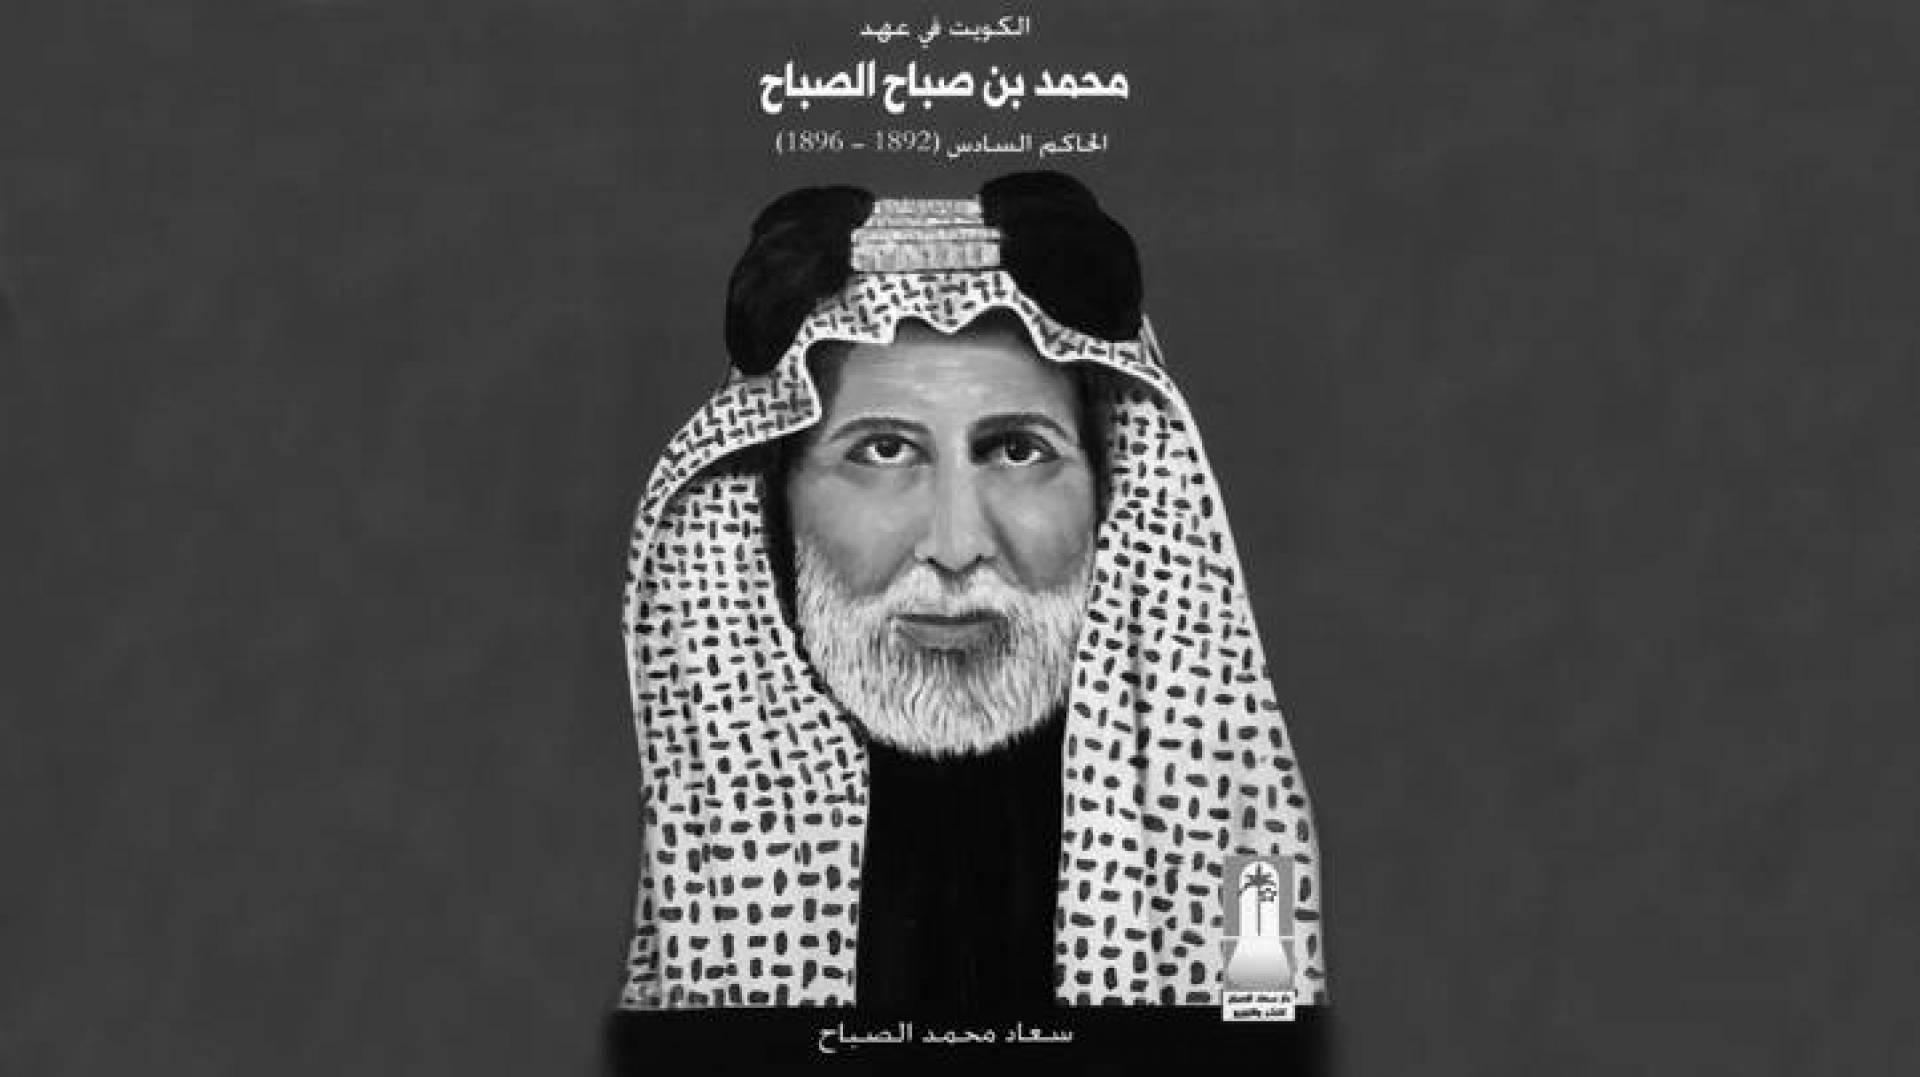 غلاف كتاب «الكويت في عهد محمد بن صباح الصباح الحاكم الساس (1892-1896)»